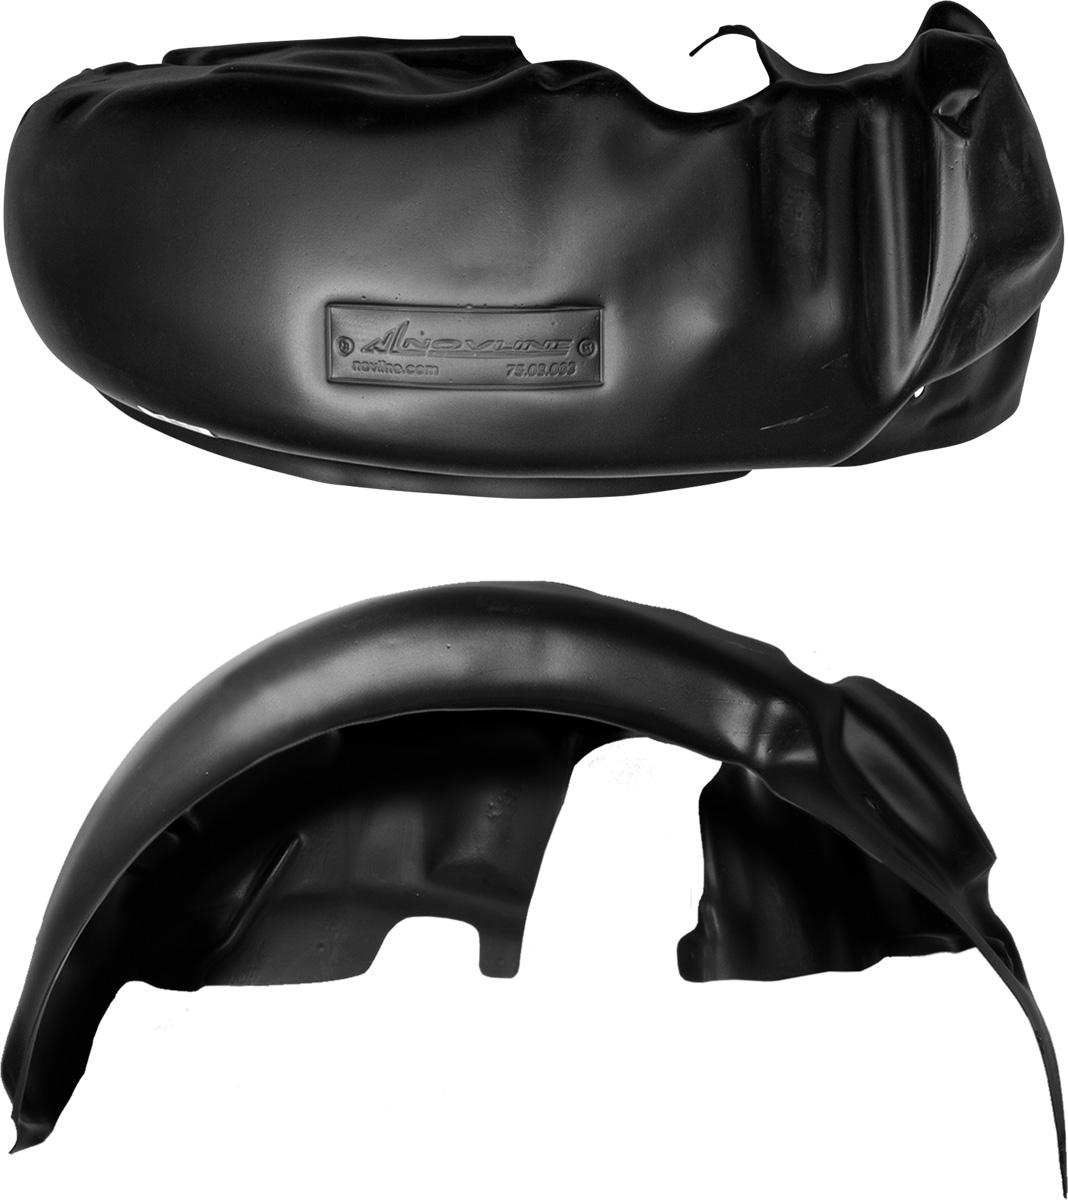 Подкрылок LADA Largus, 2012 ->, передний правыйNLL.52.26.002Колесные ниши – одни из самых уязвимых зон днища вашего автомобиля. Они постоянно подвергаются воздействию со стороны дороги. Лучшая, почти абсолютная защита для них - специально отформованные пластиковые кожухи, которые называются подкрылками, или локерами. Производятся они как для отечественных моделей автомобилей, так и для иномарок. Подкрылки выполнены из высококачественного, экологически чистого пластика. Обеспечивают надежную защиту кузова автомобиля от пескоструйного эффекта и негативного влияния, агрессивных антигололедных реагентов. Пластик обладает более низкой теплопроводностью, чем металл, поэтому в зимний период эксплуатации использование пластиковых подкрылков позволяет лучше защитить колесные ниши от налипания снега и образования наледи. Оригинальность конструкции подчеркивает элегантность автомобиля, бережно защищает нанесенное на днище кузова антикоррозийное покрытие и позволяет осуществить крепление подкрылков внутри колесной арки практически без дополнительного...